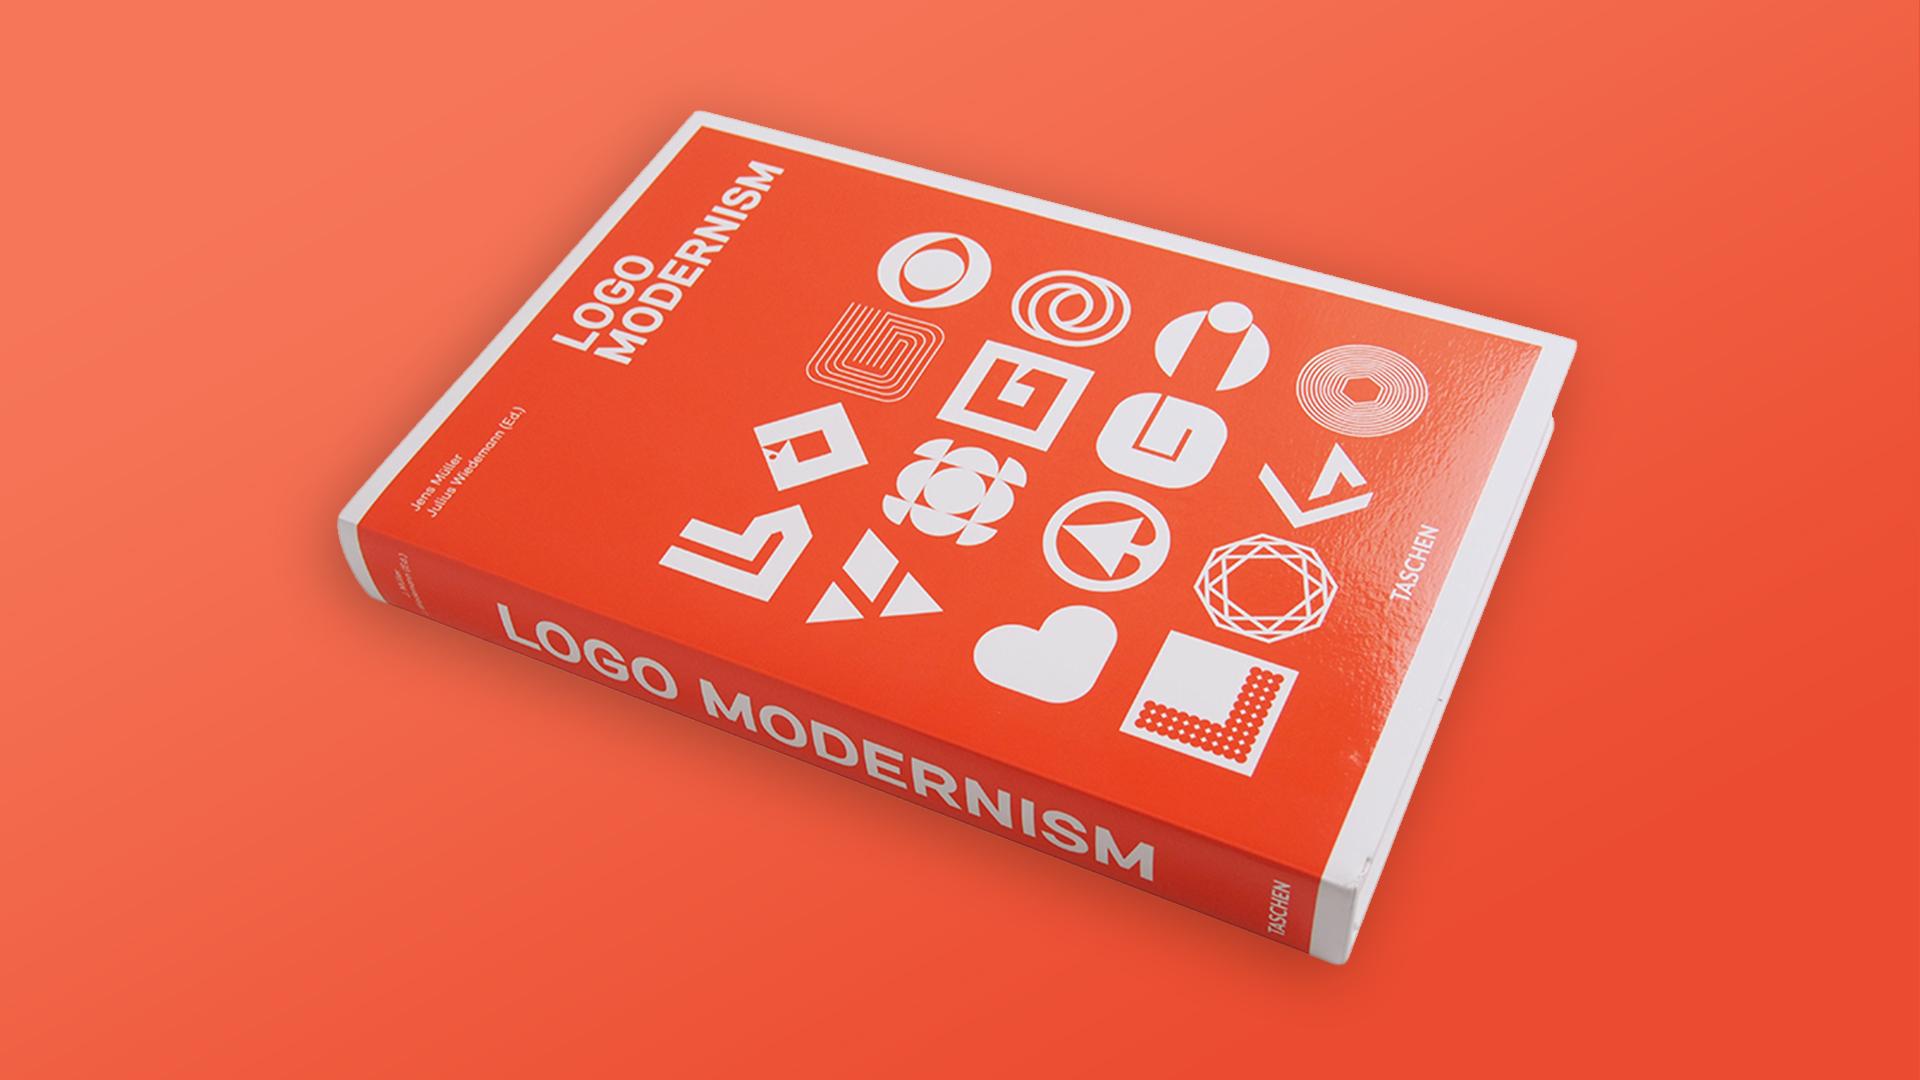 Logo Modernism Graphic Design Books